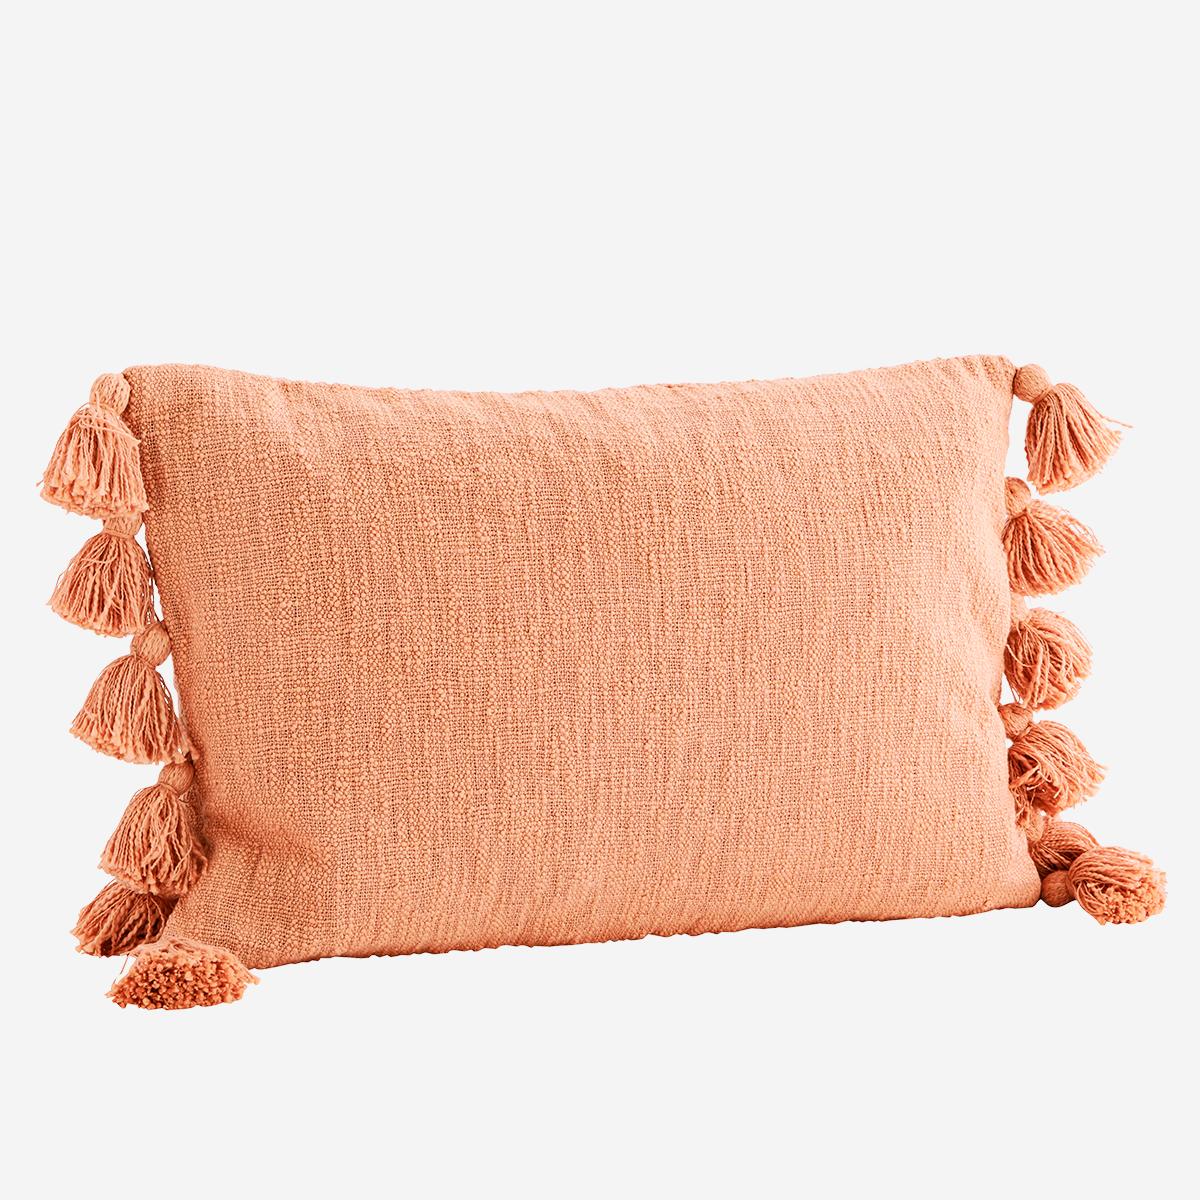 Housse de coussin en coton brut avec pompons 40x60cm orange pêche * Madam Stoltz